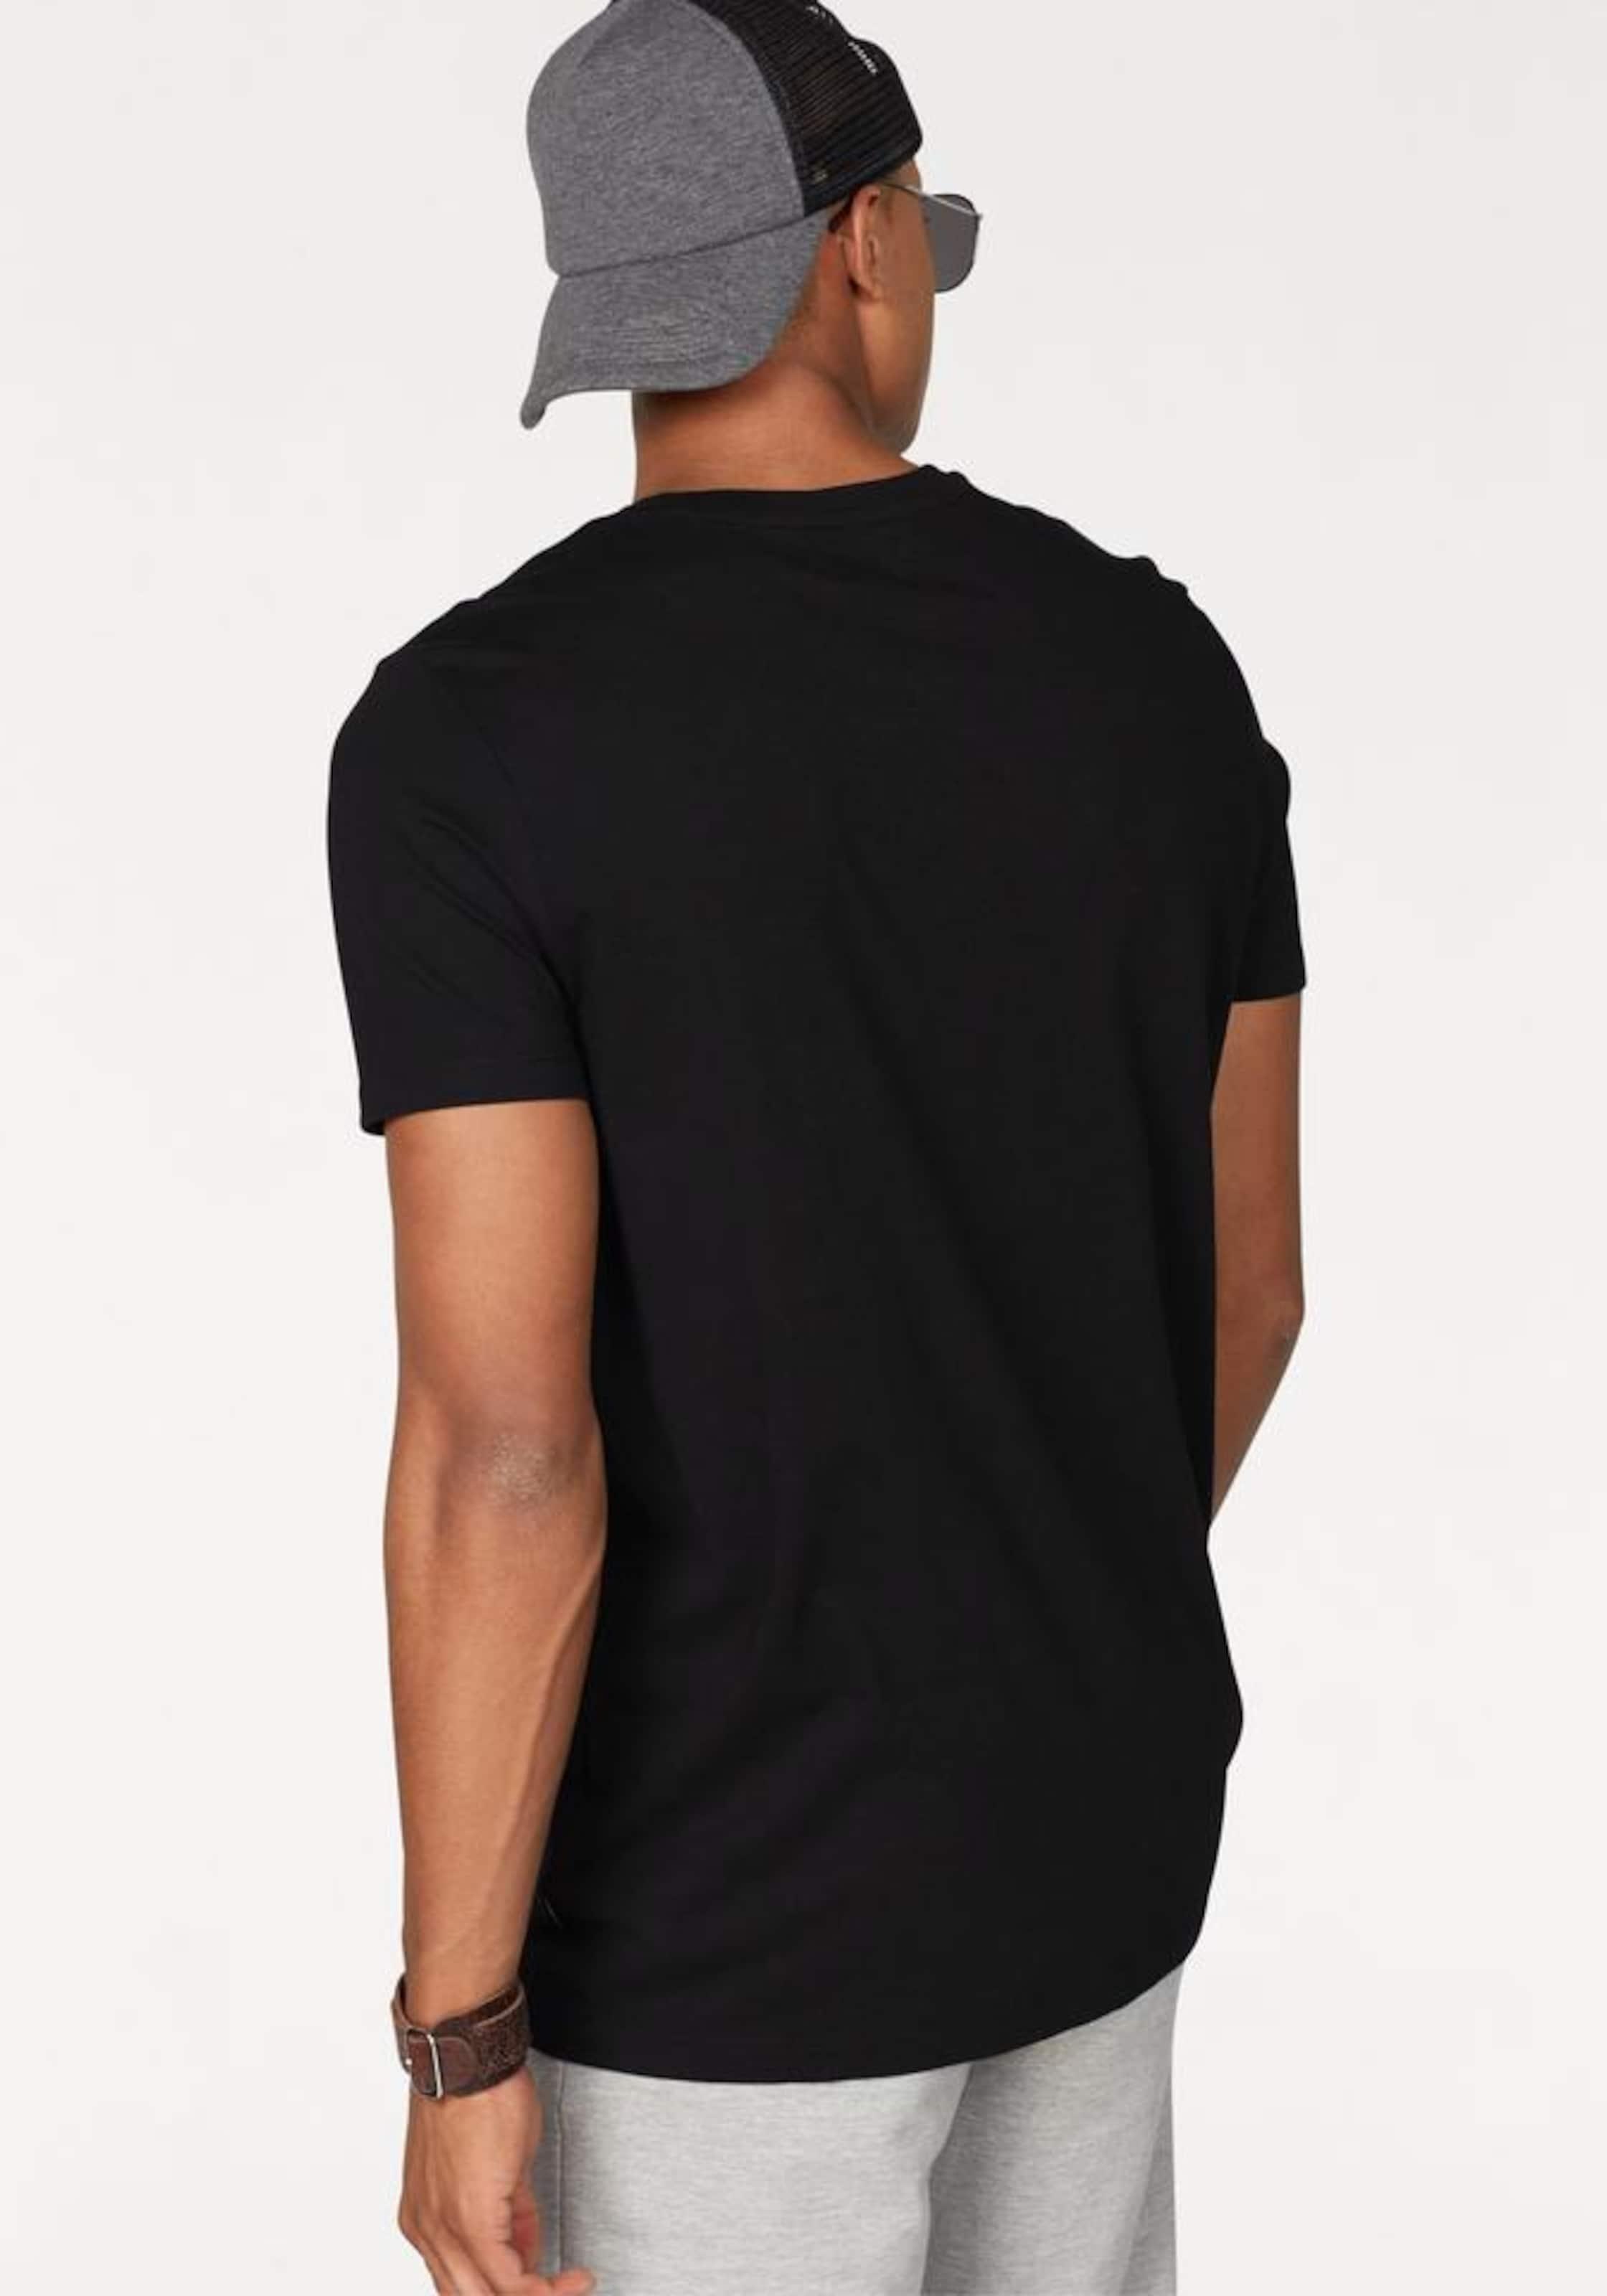 CHIEMSEE T-Shirt Auslass Bester Verkauf Offizielle Seite Freies Verschiffen Günstigsten Preis Rabatt Niedrig Kosten 98Wy4